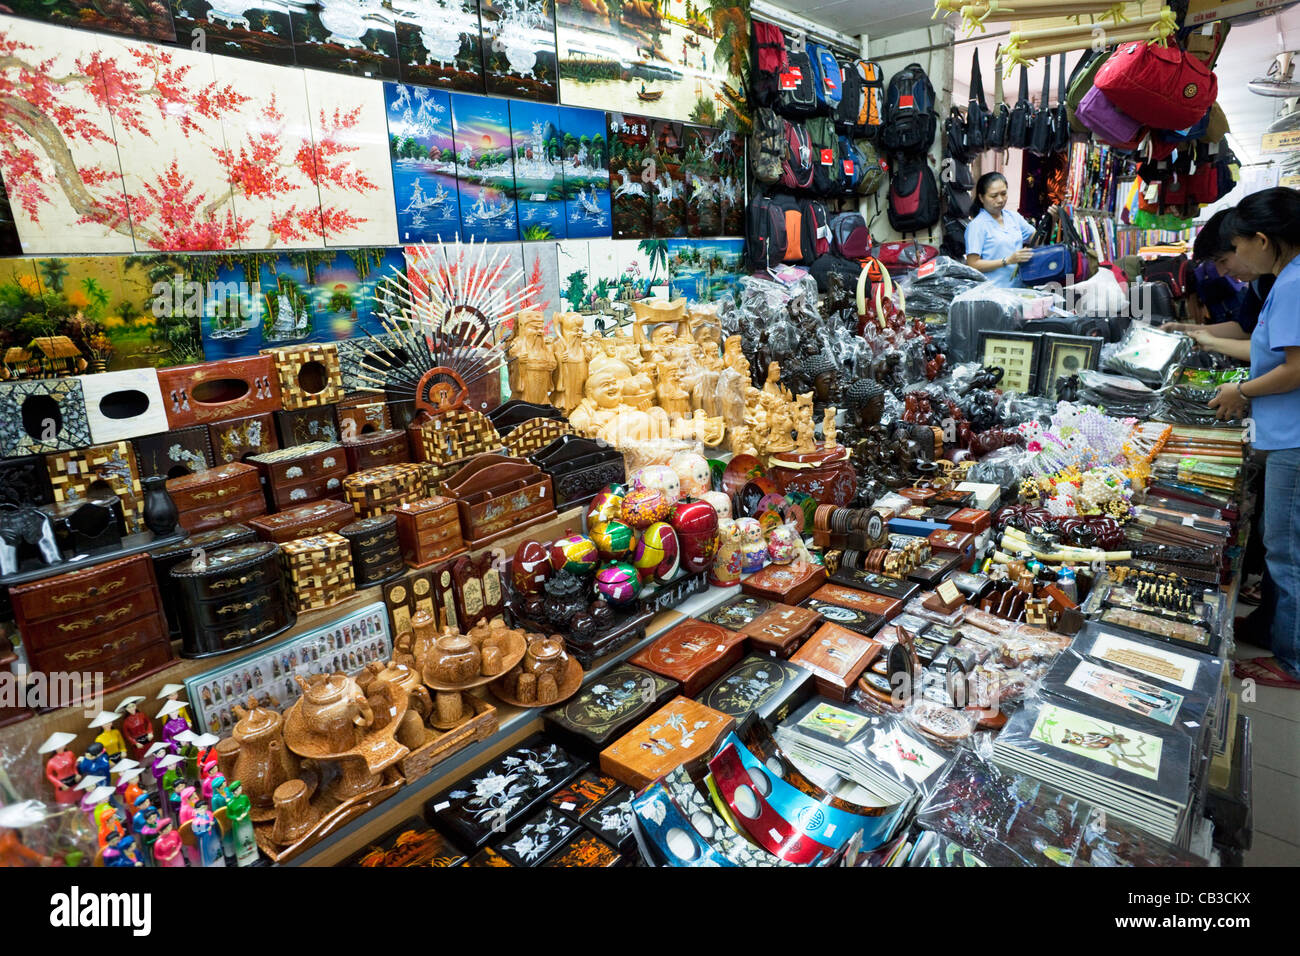 Image result for ben thanh market